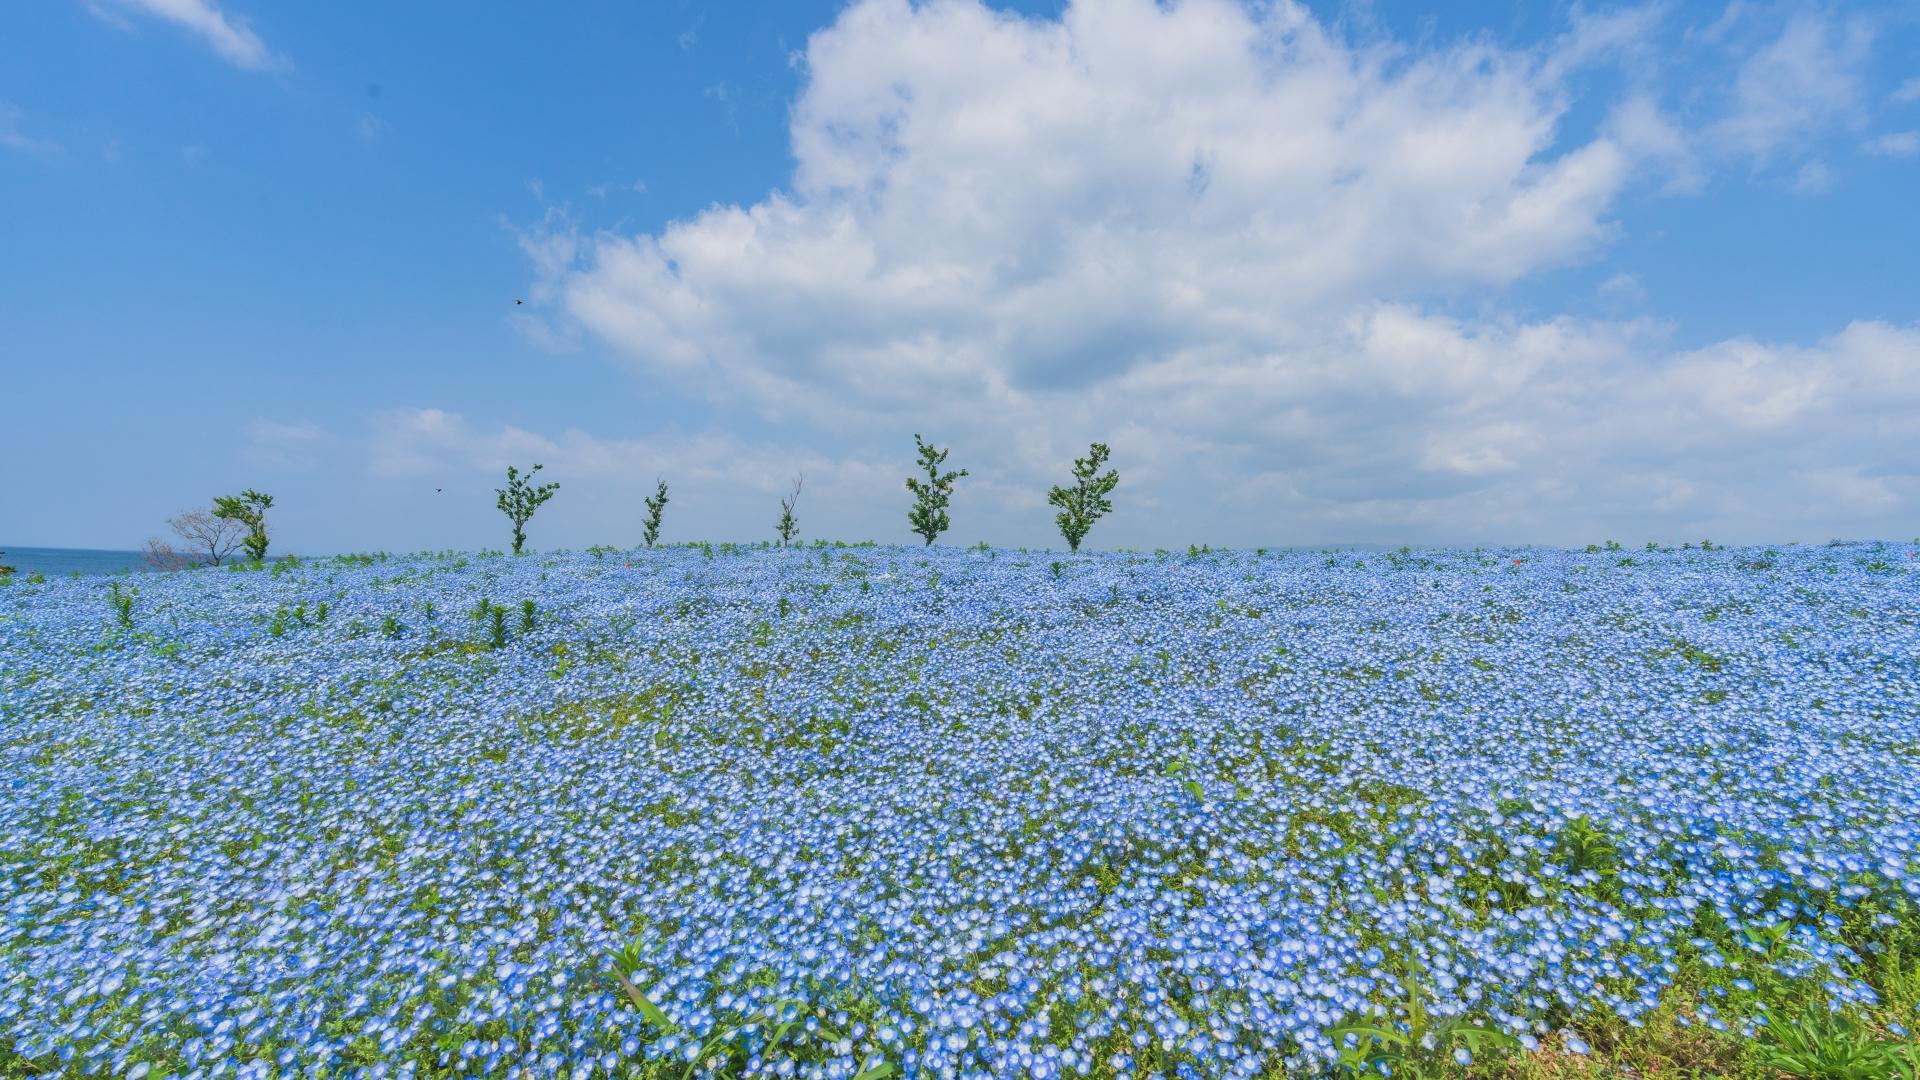 4081434_m 大阪府 大阪まいしまシーサイドパーク(一面に咲くネモフィラと空と海の青の絶景スポット! 写真の紹介、アクセス情報など)